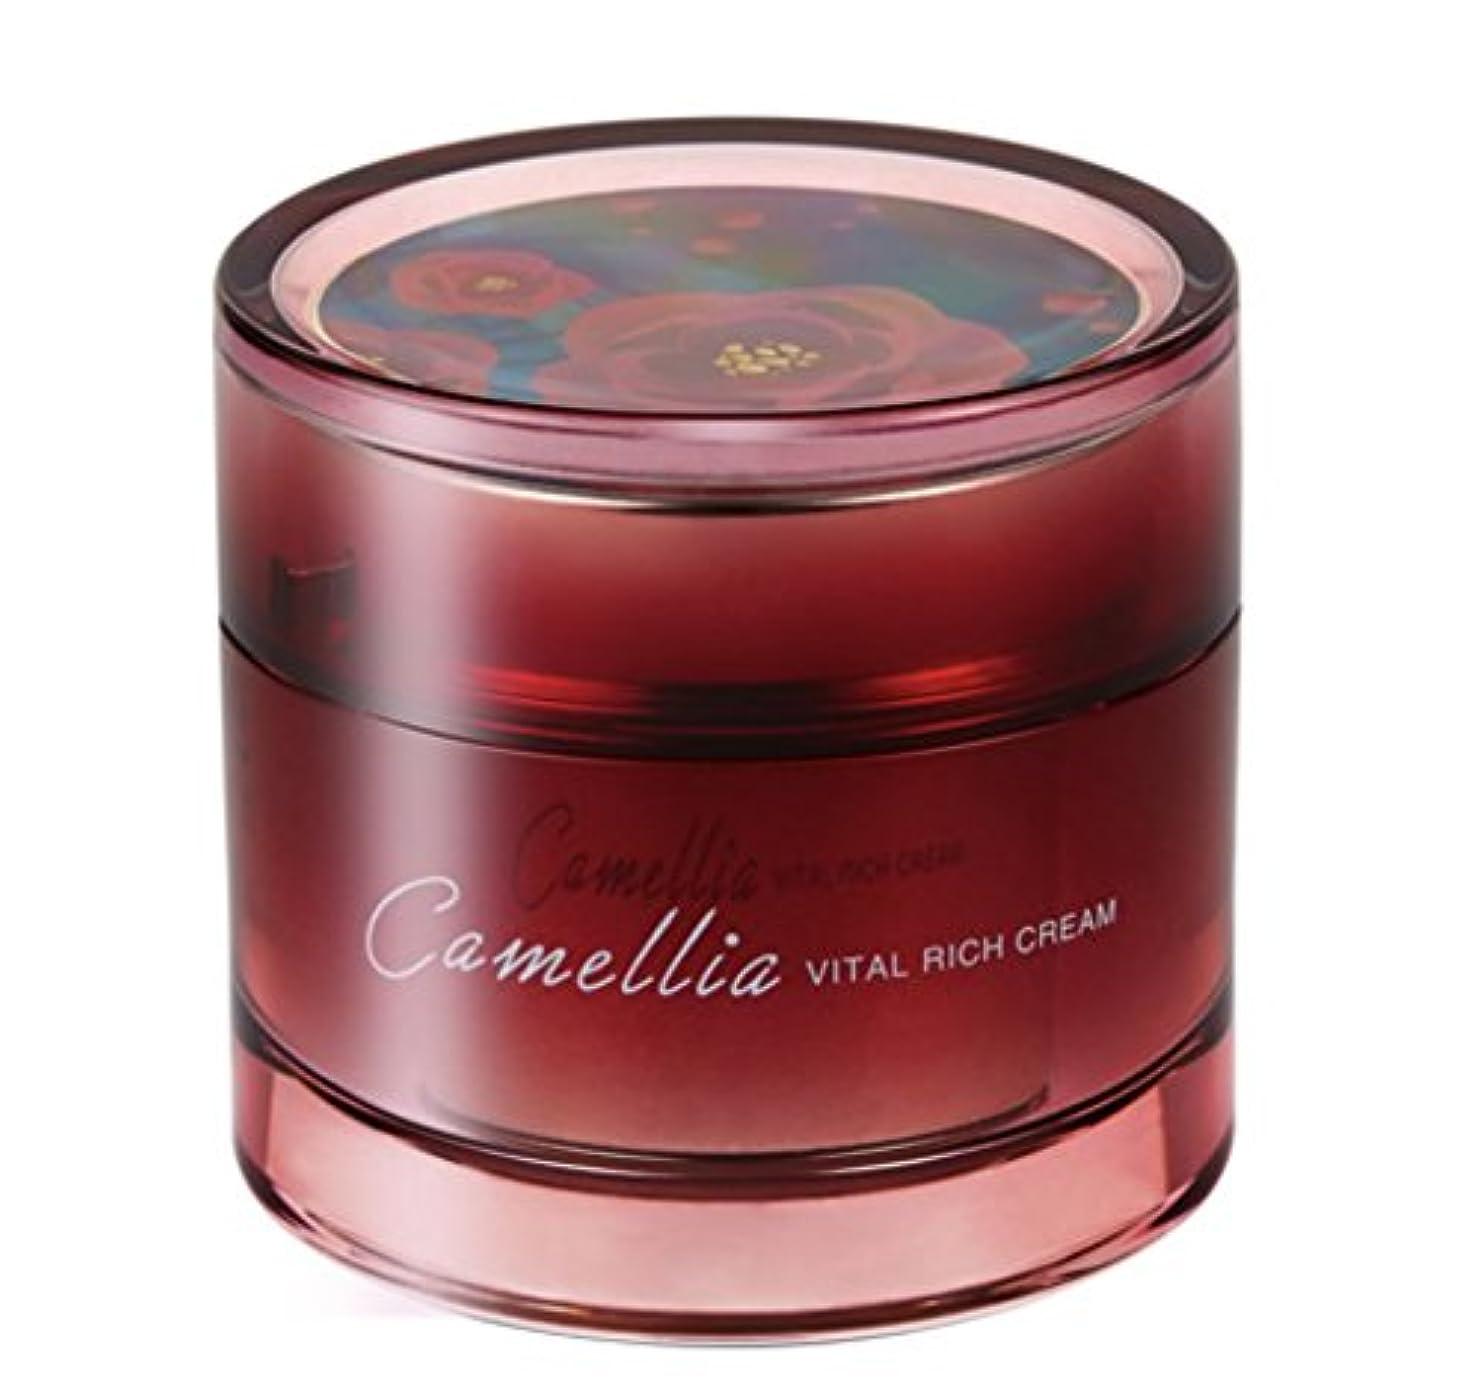 硬さワイヤーベールJeju Indi Camellia Vital Rich Cream 50g/Eco-Friendly Jeju Island Cosmetic/Korea Cosmetics [並行輸入品]